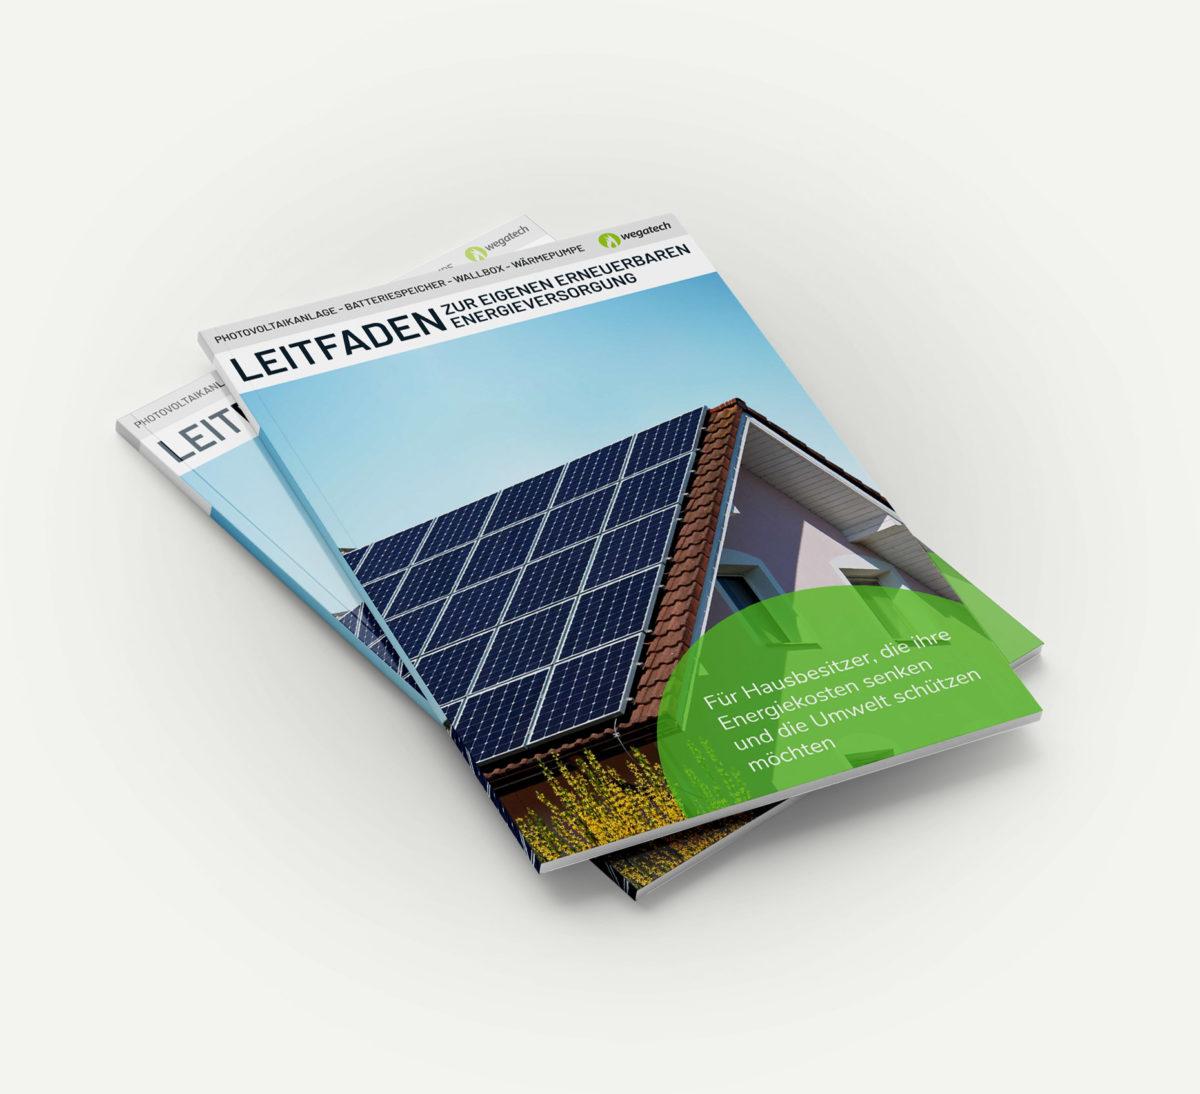 Leitfaden zur eigenen Erneuerbaren Energieversorgung